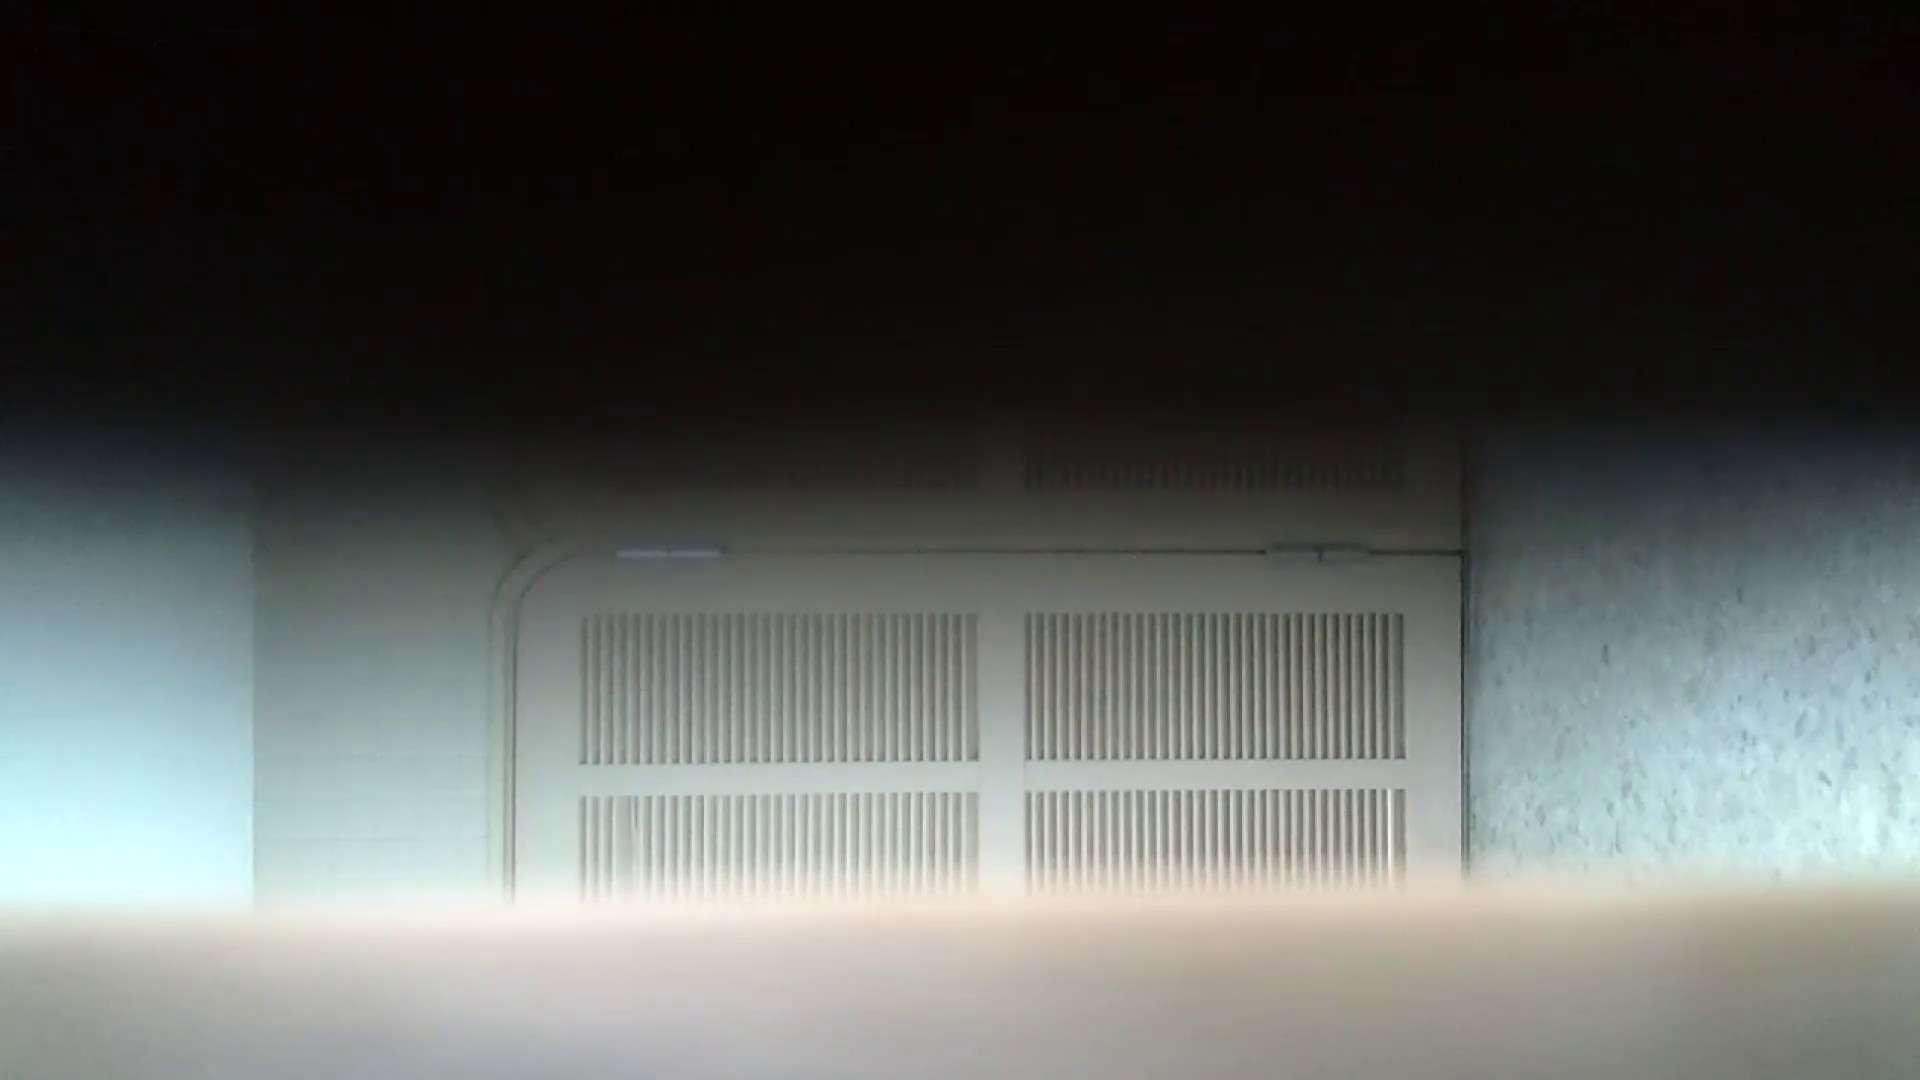 トイレ盗撮|化粧室絵巻 番外編 VOL.16|怪盗ジョーカー